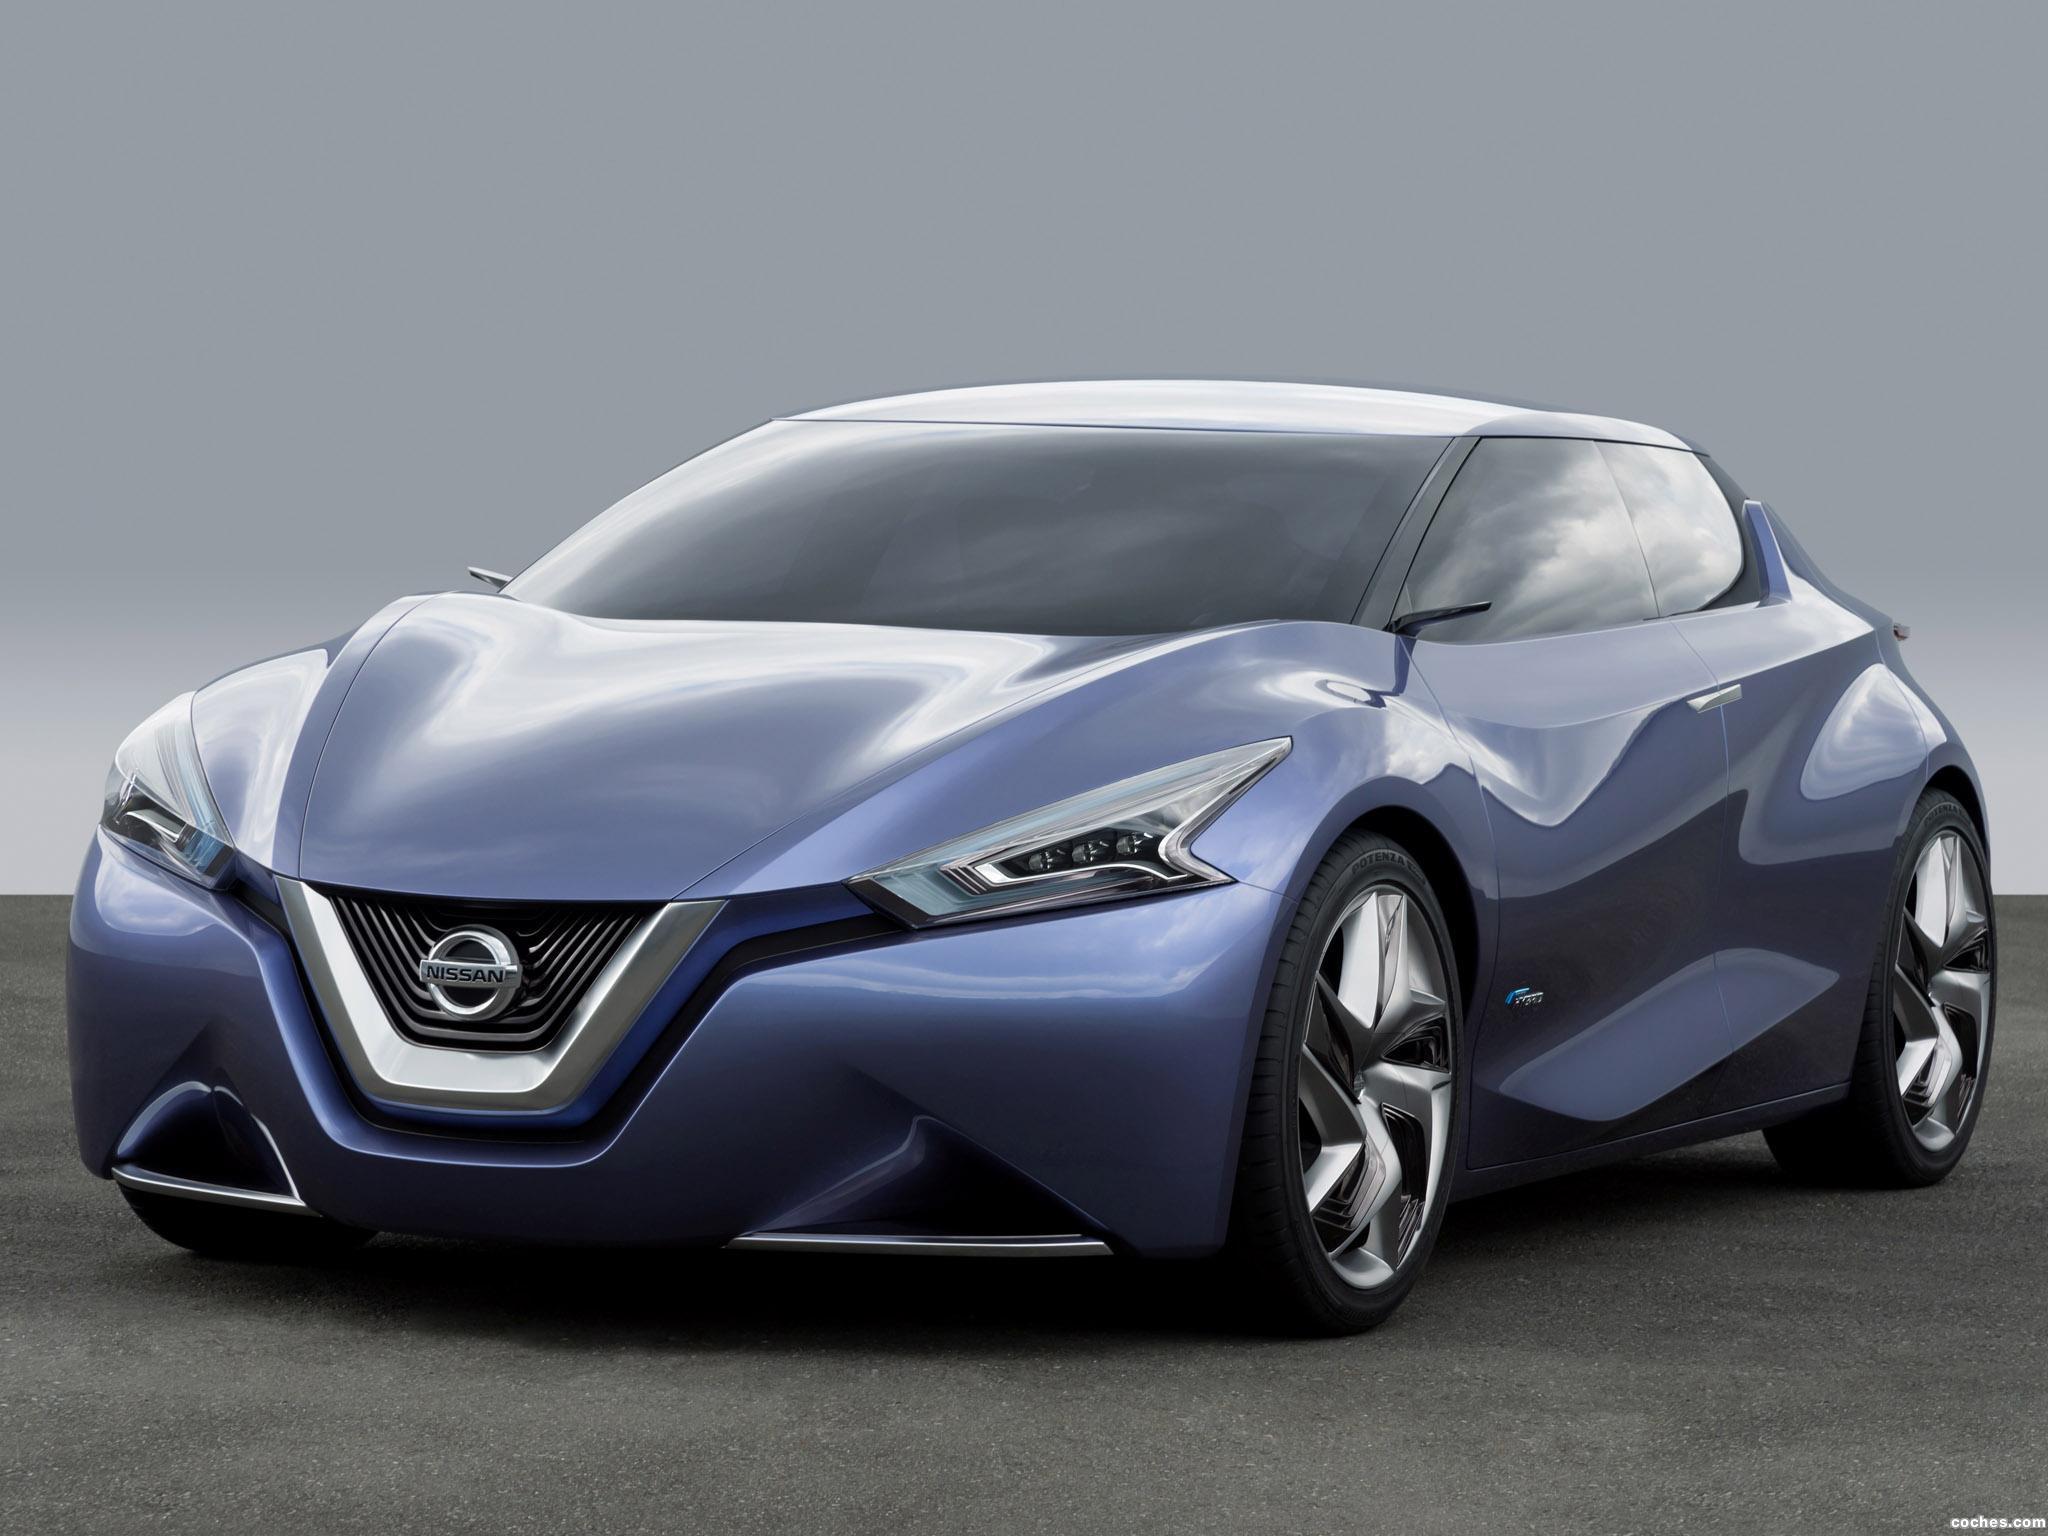 Foto 19 de Nissan Friend-ME Concept 2013